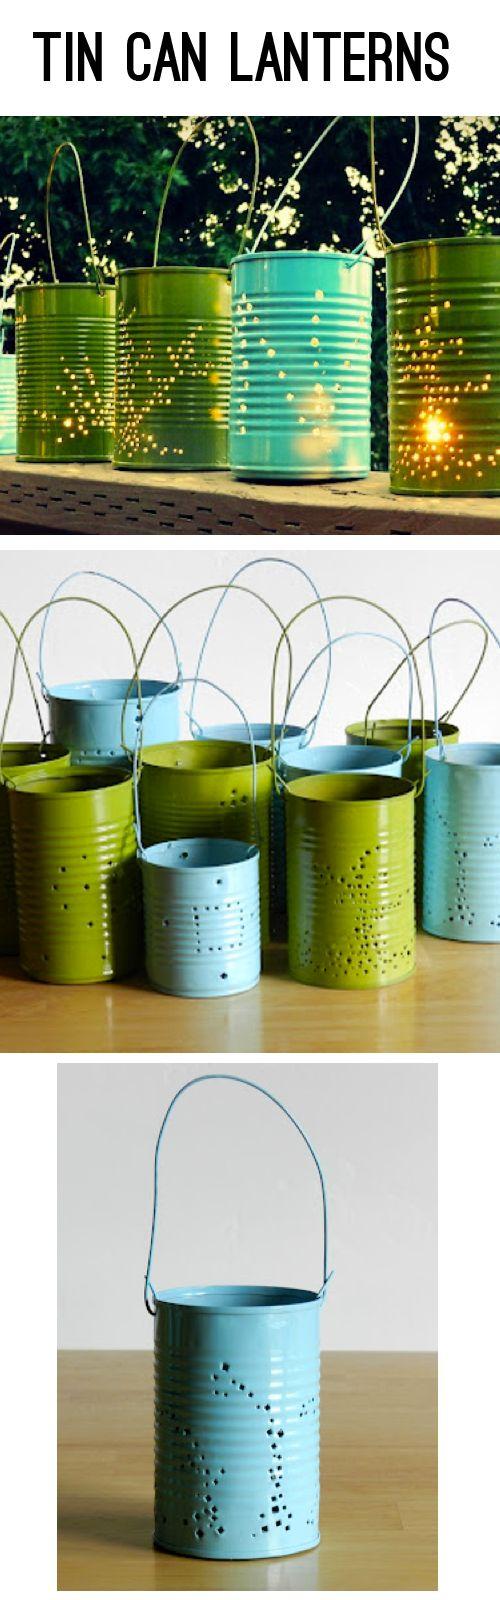 Reutilizar latas haciendo estas hermosas lamparas de exterior para velas